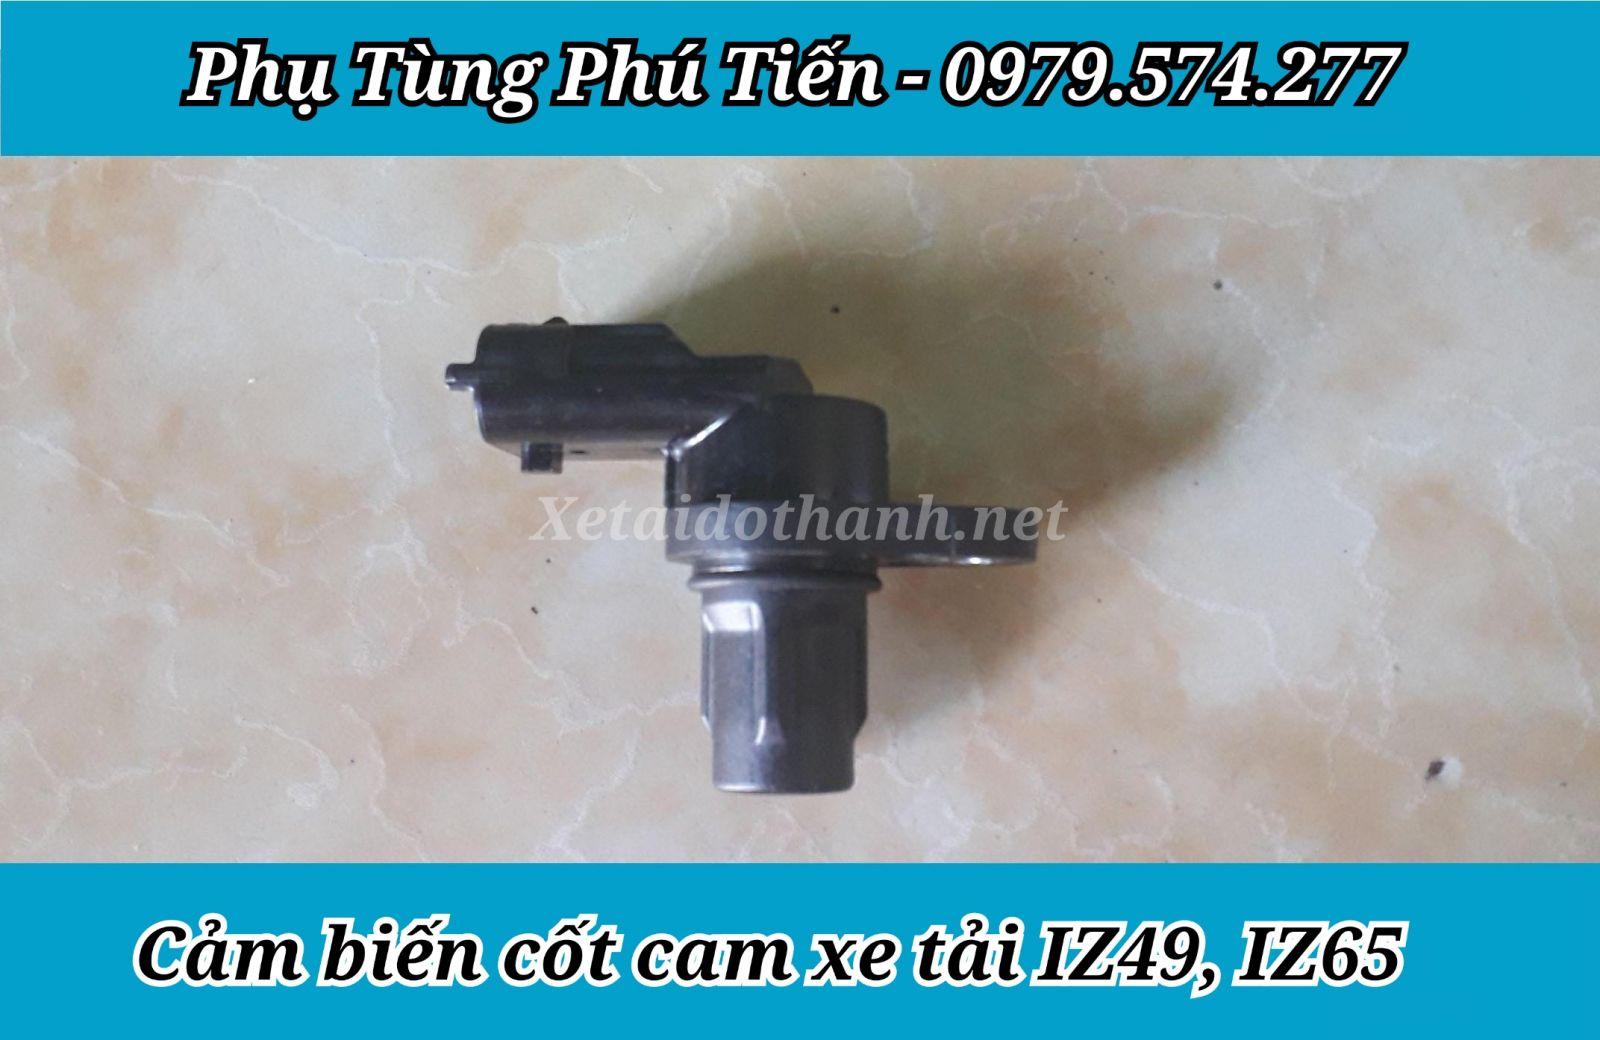 CAM BIEN COT CAM DO THANH